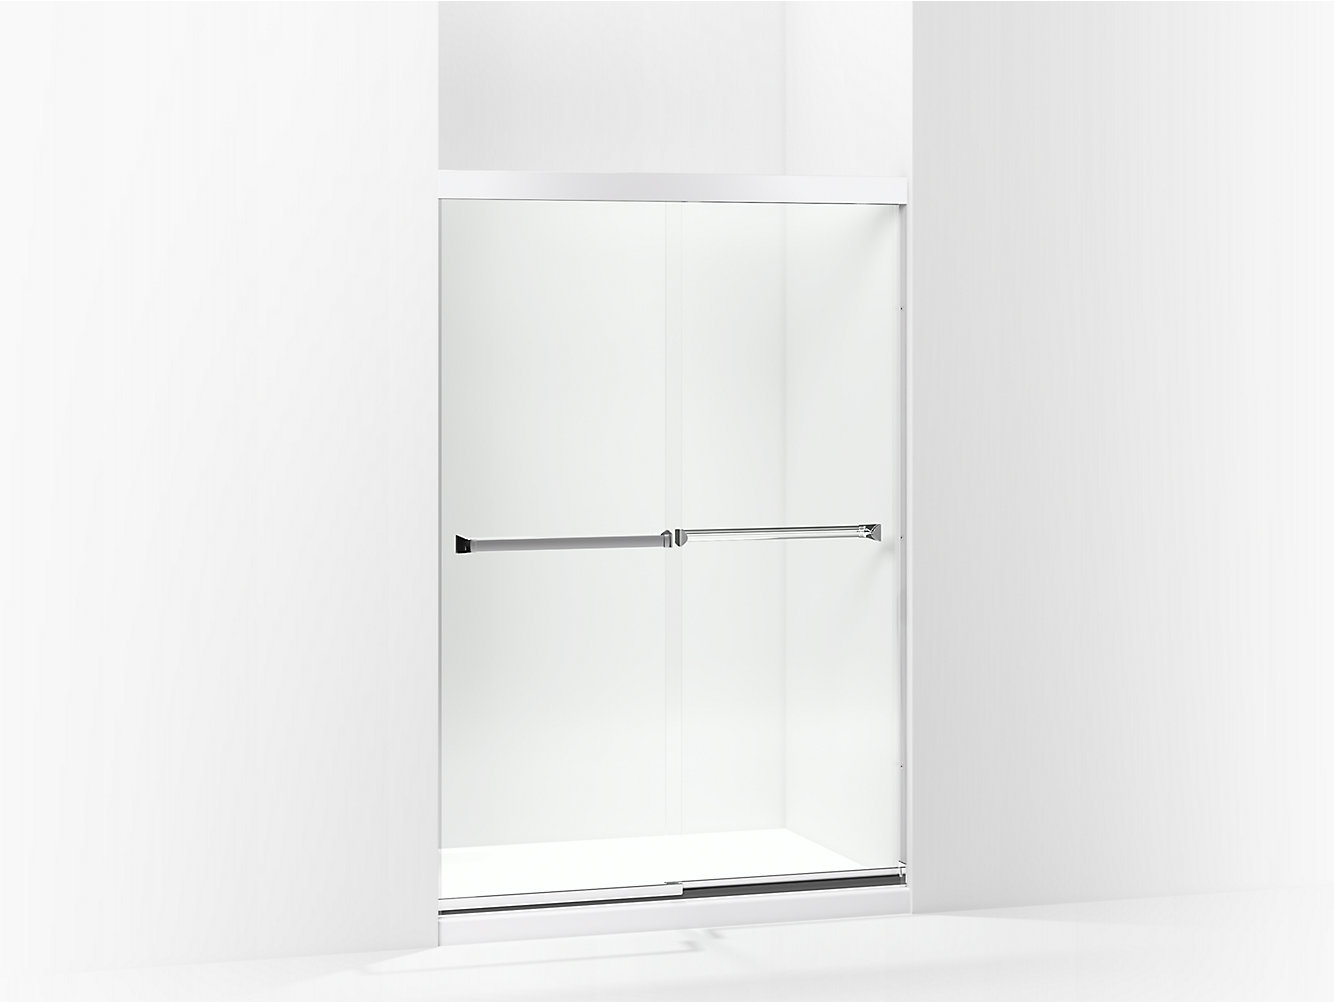 Meritor Frameless Sliding Shower Door 42 5847 58 W X 69 34 H